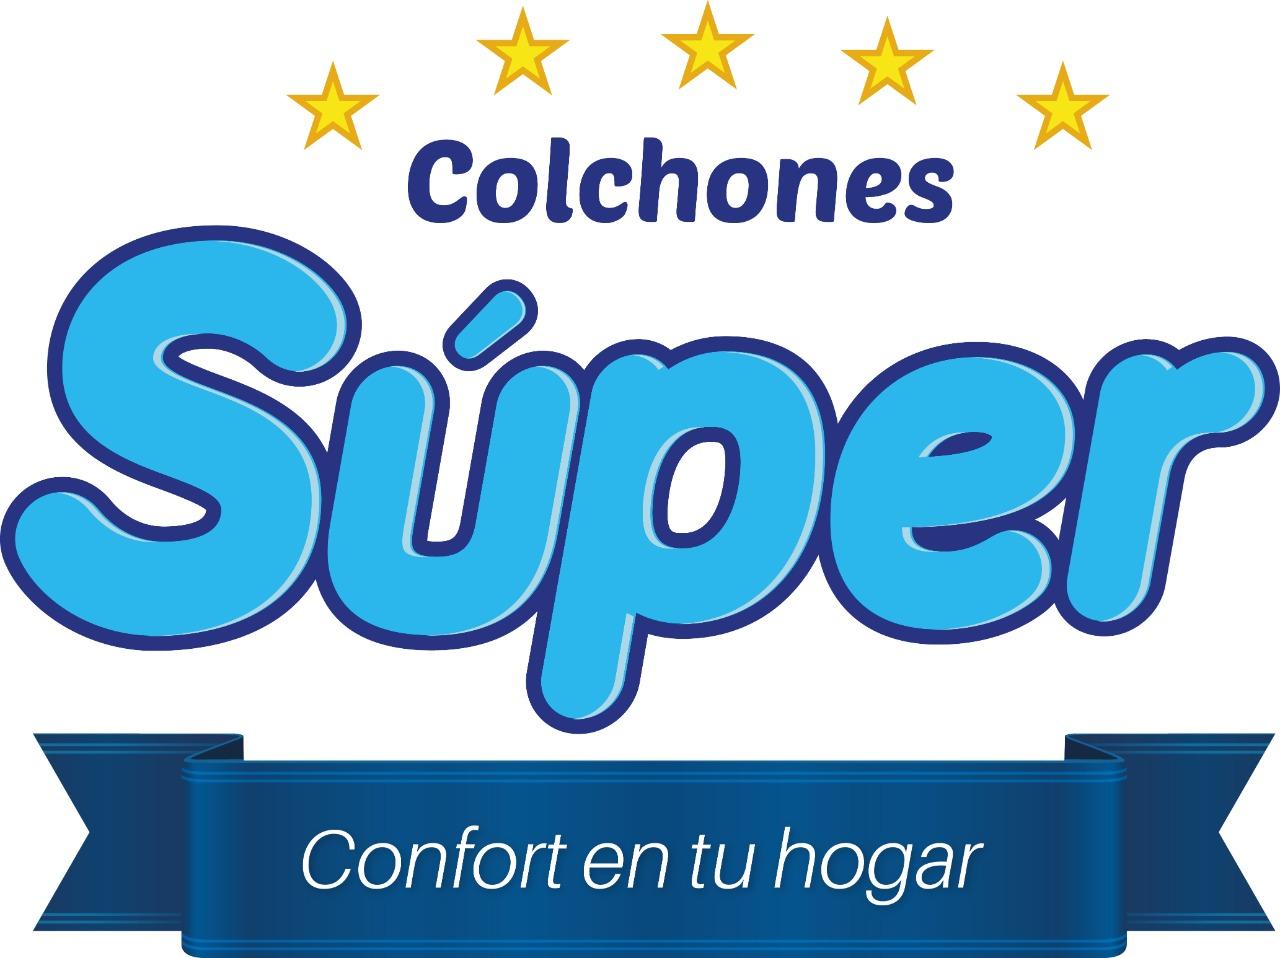 LOGO COLCHONES SUPER